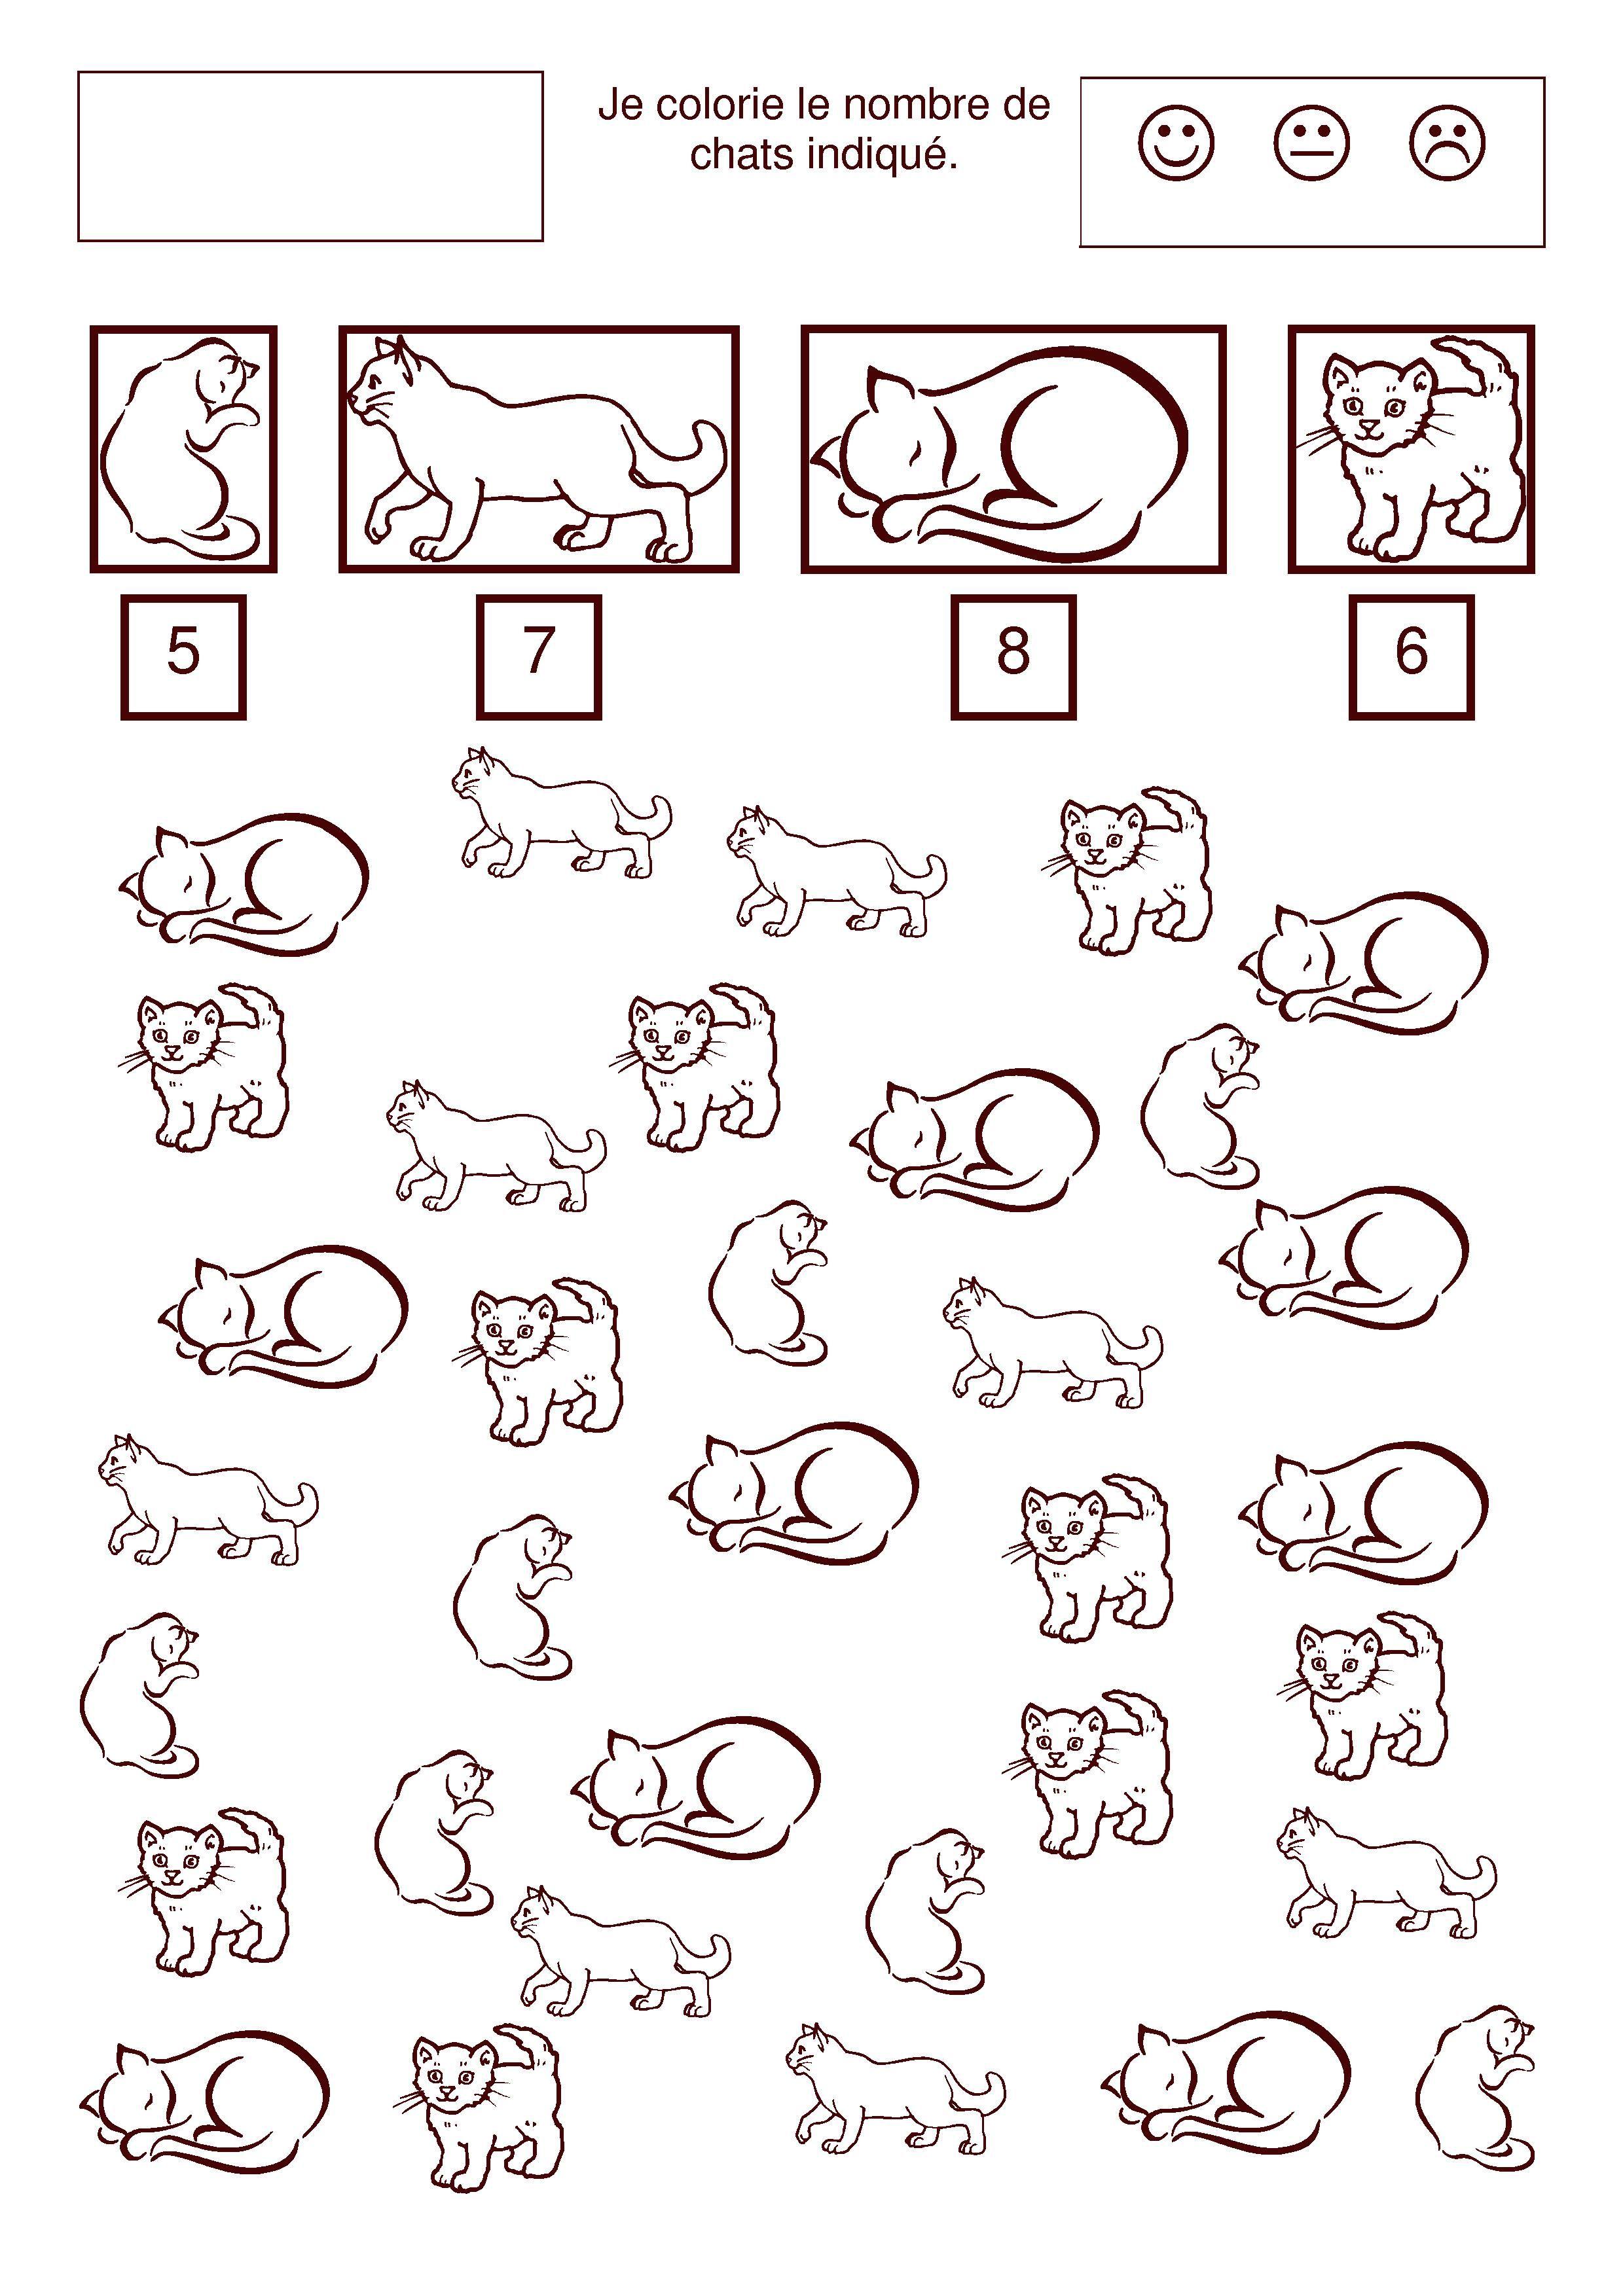 Beau dessin colorier mimi la souris - Chat a colorier maternelle ...